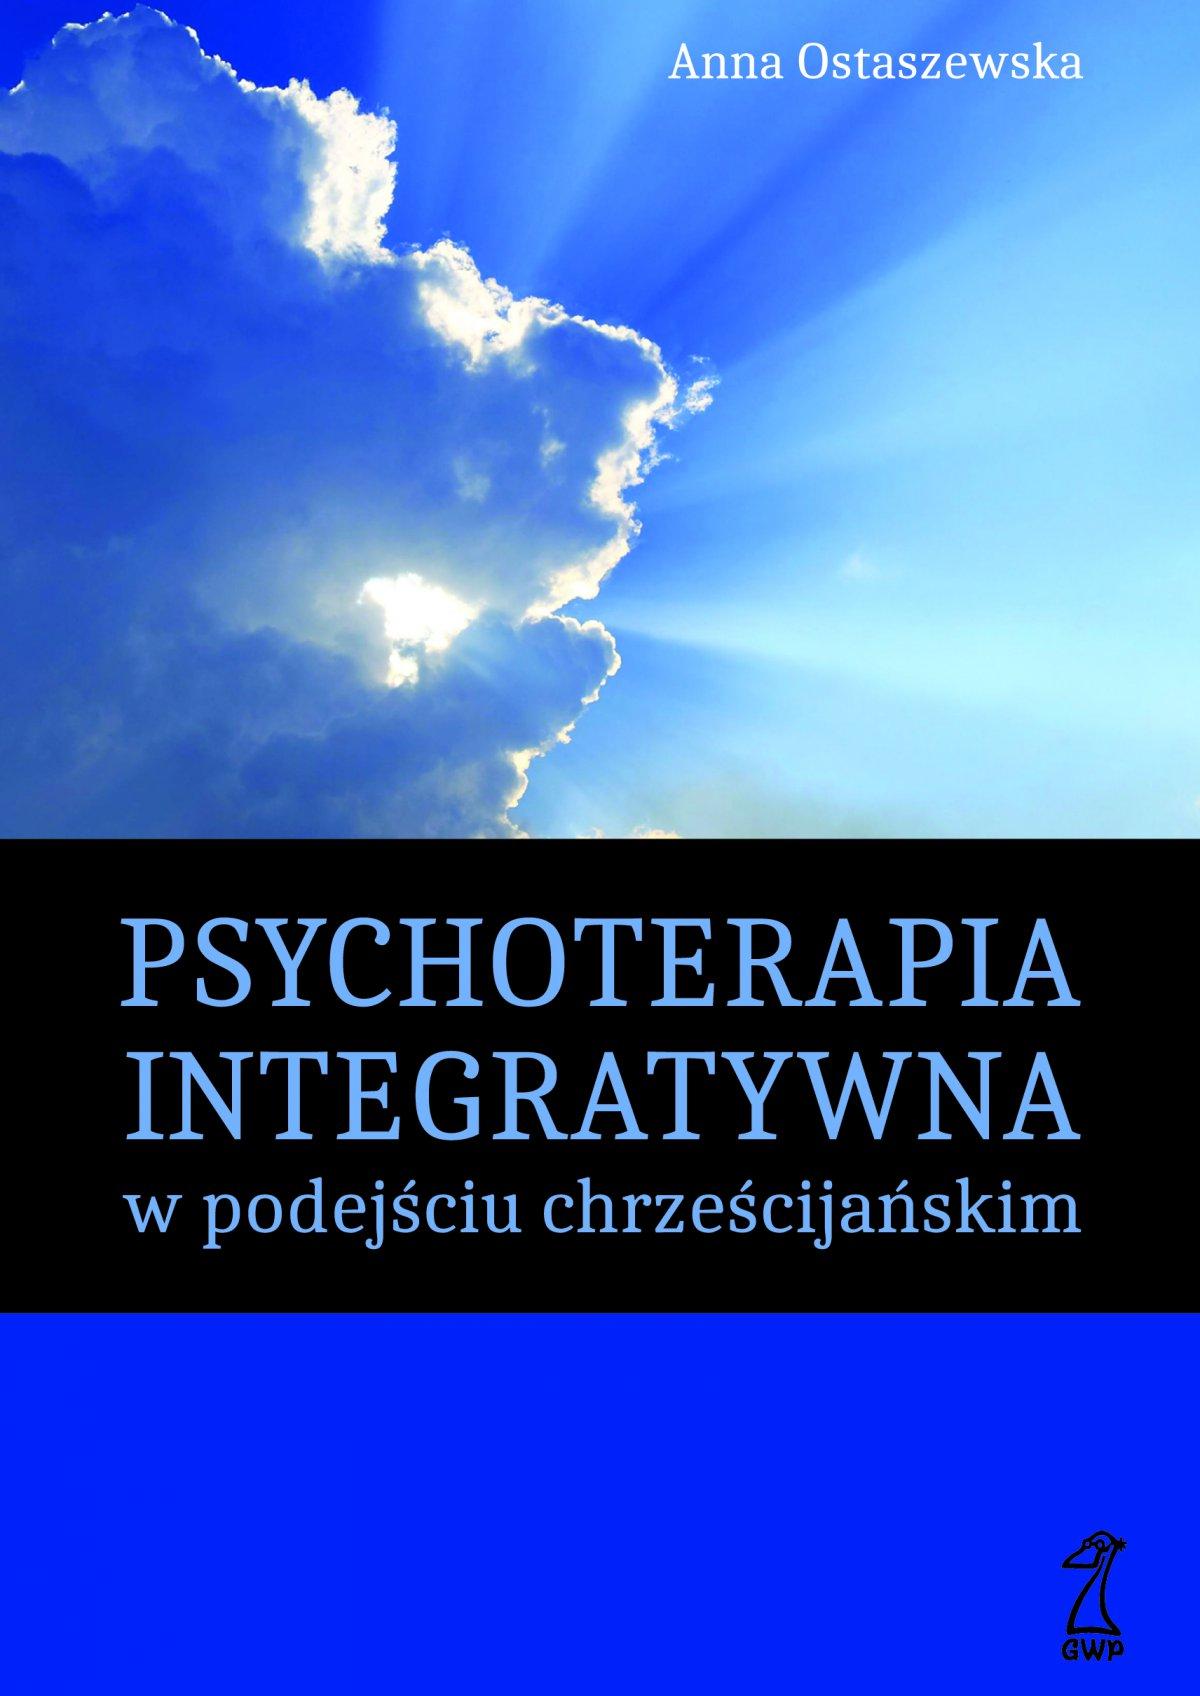 Psychoterapia integratywna w podejściu chrześcijańskim - Ebook (Książka EPUB) do pobrania w formacie EPUB